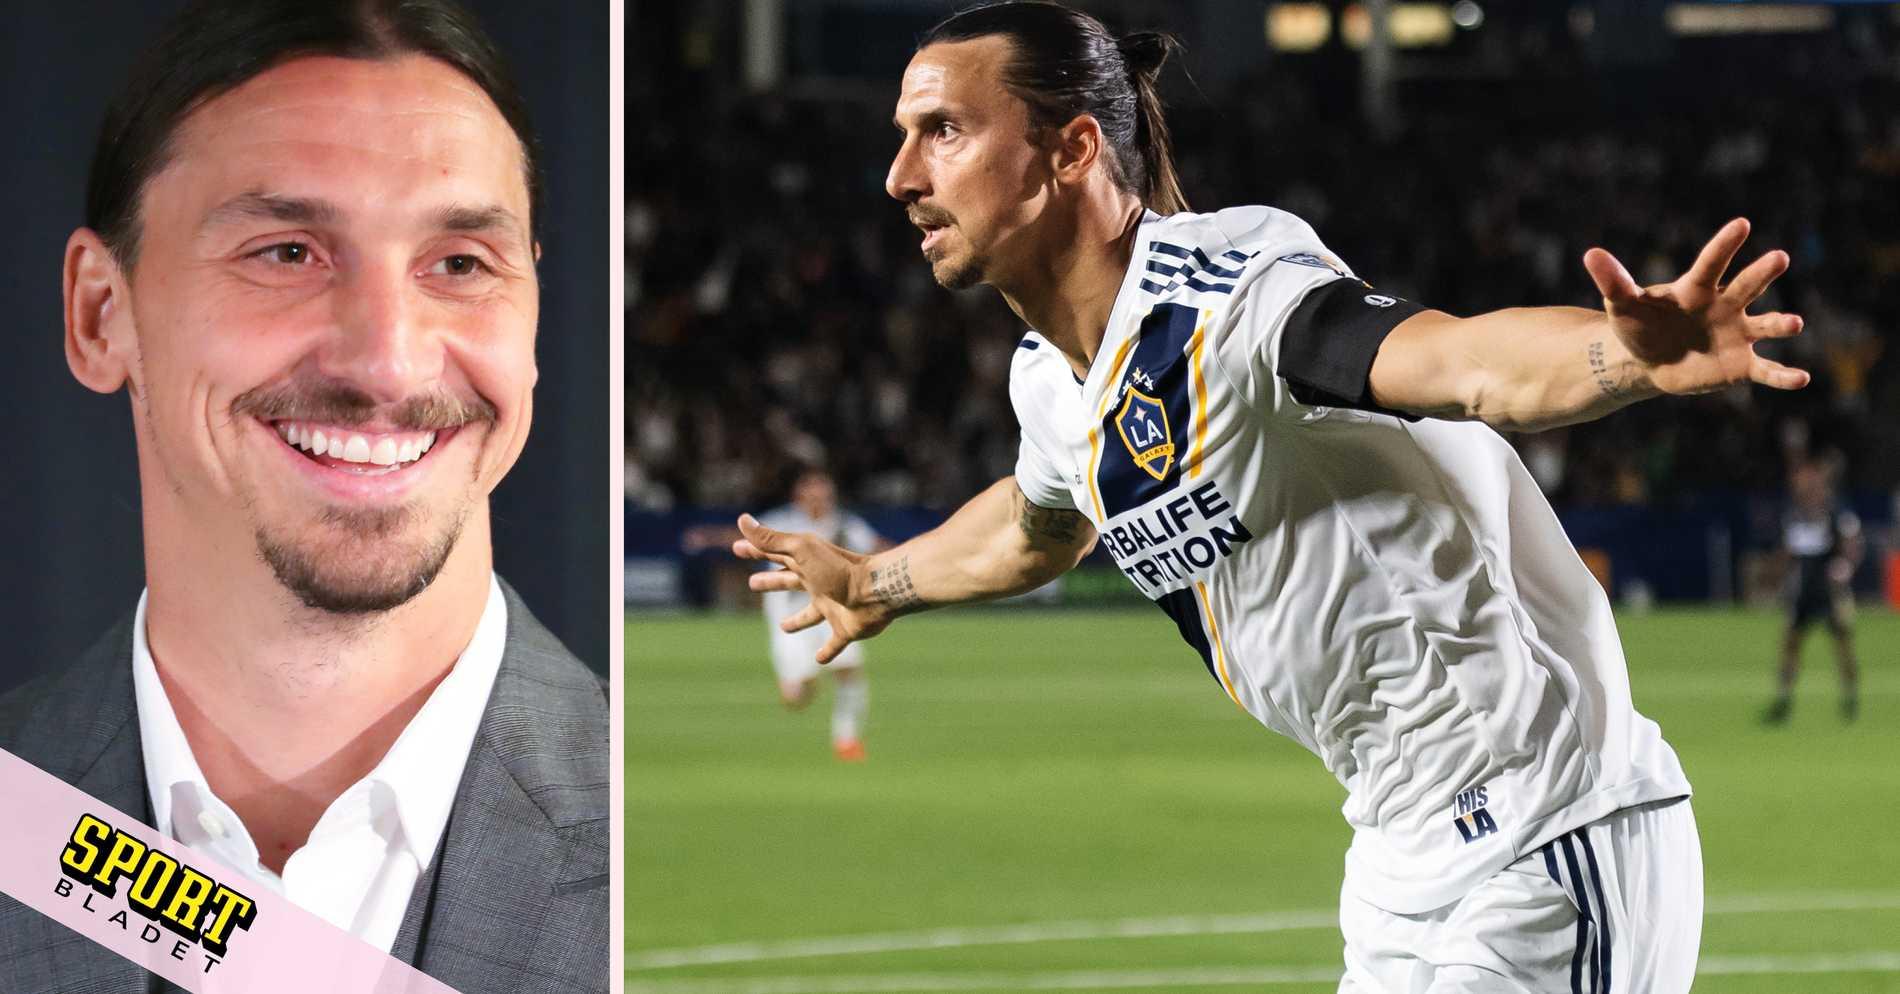 Förre bossen avslöjar Zlatans plan